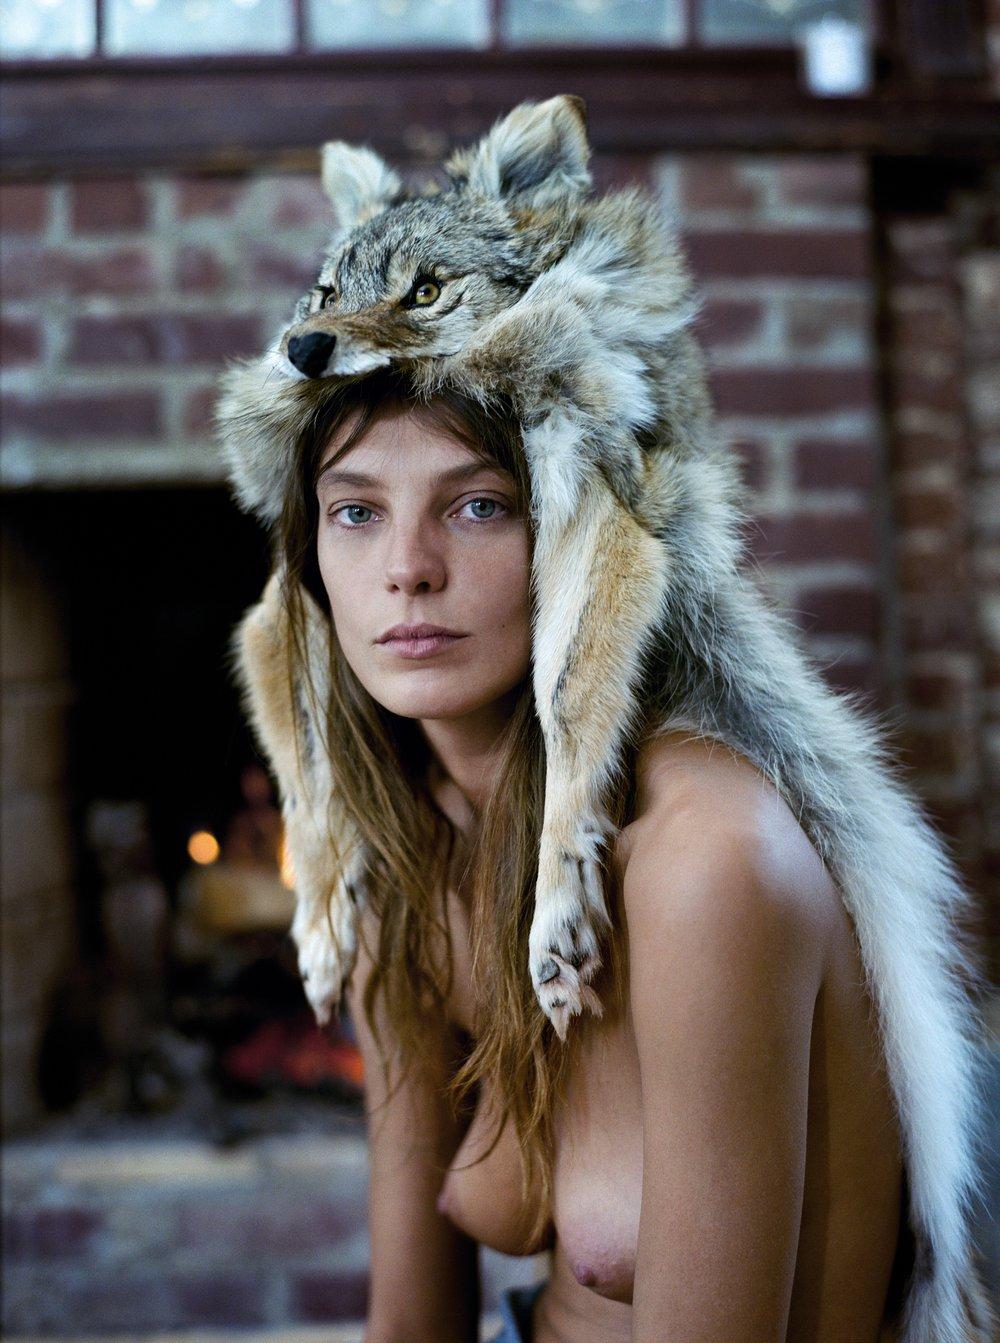 Daria in Fox Hat, 2010